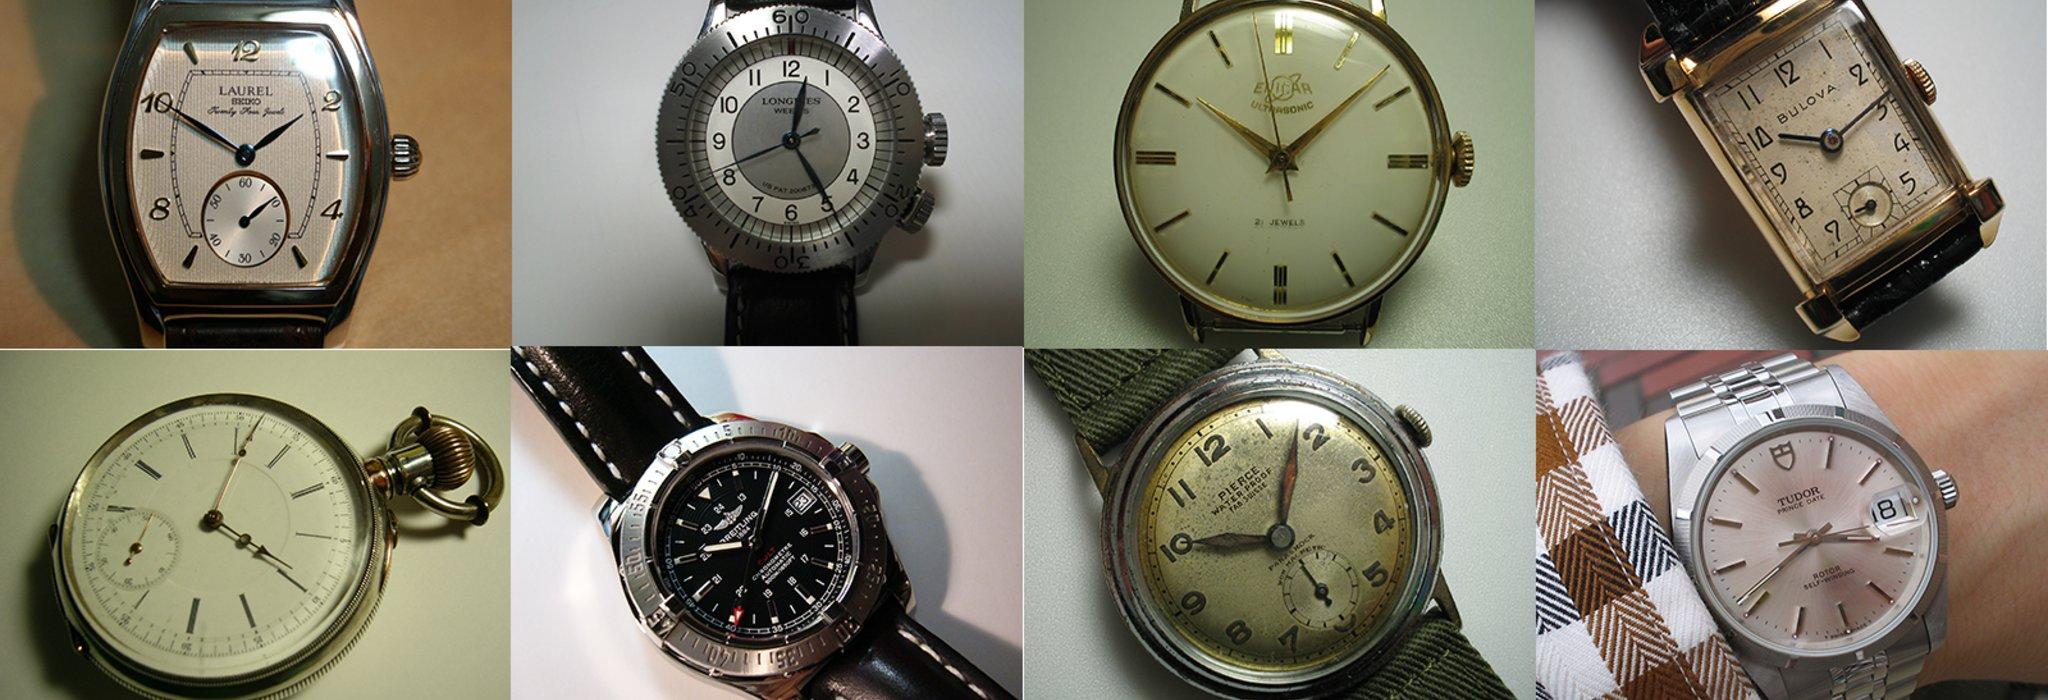 オメガ、IWC、チュードル、ダグ・ホイヤー、エベル…僕の腕時計クロニクル_image